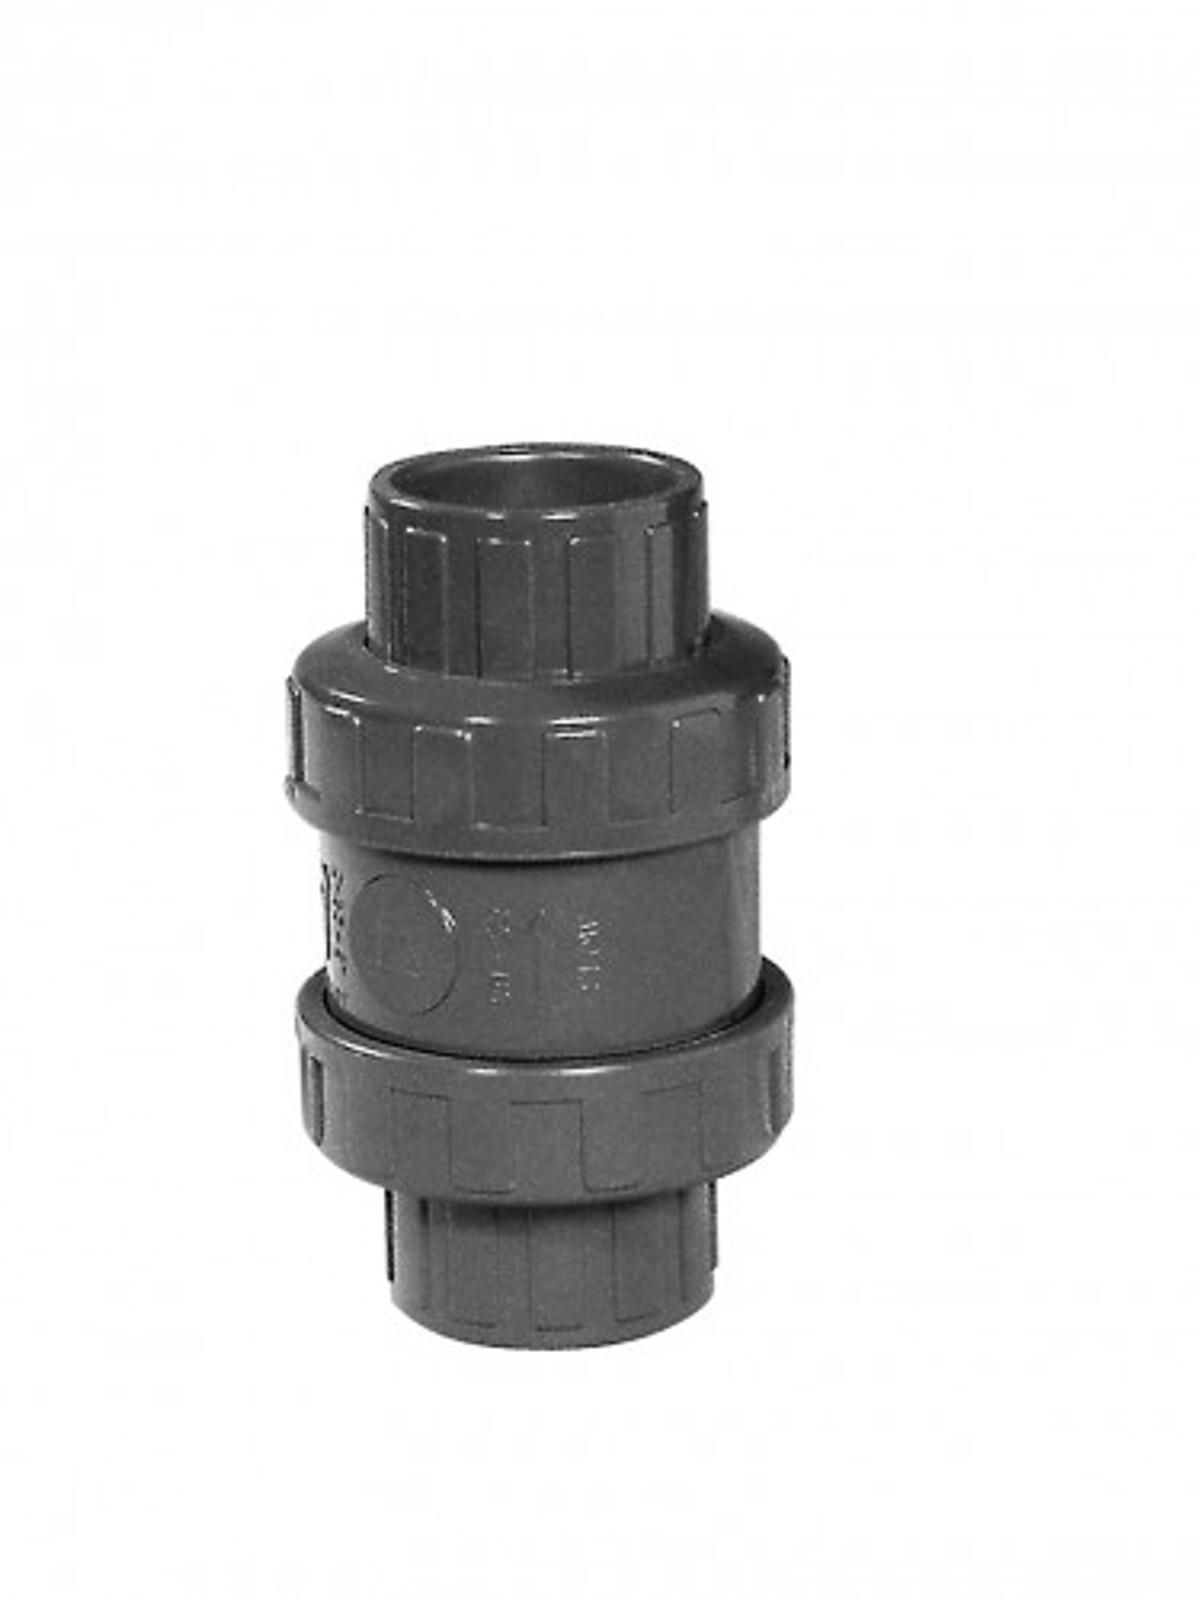 PVC-Rückschlagventil m. O-Ring, Ø 90 mm